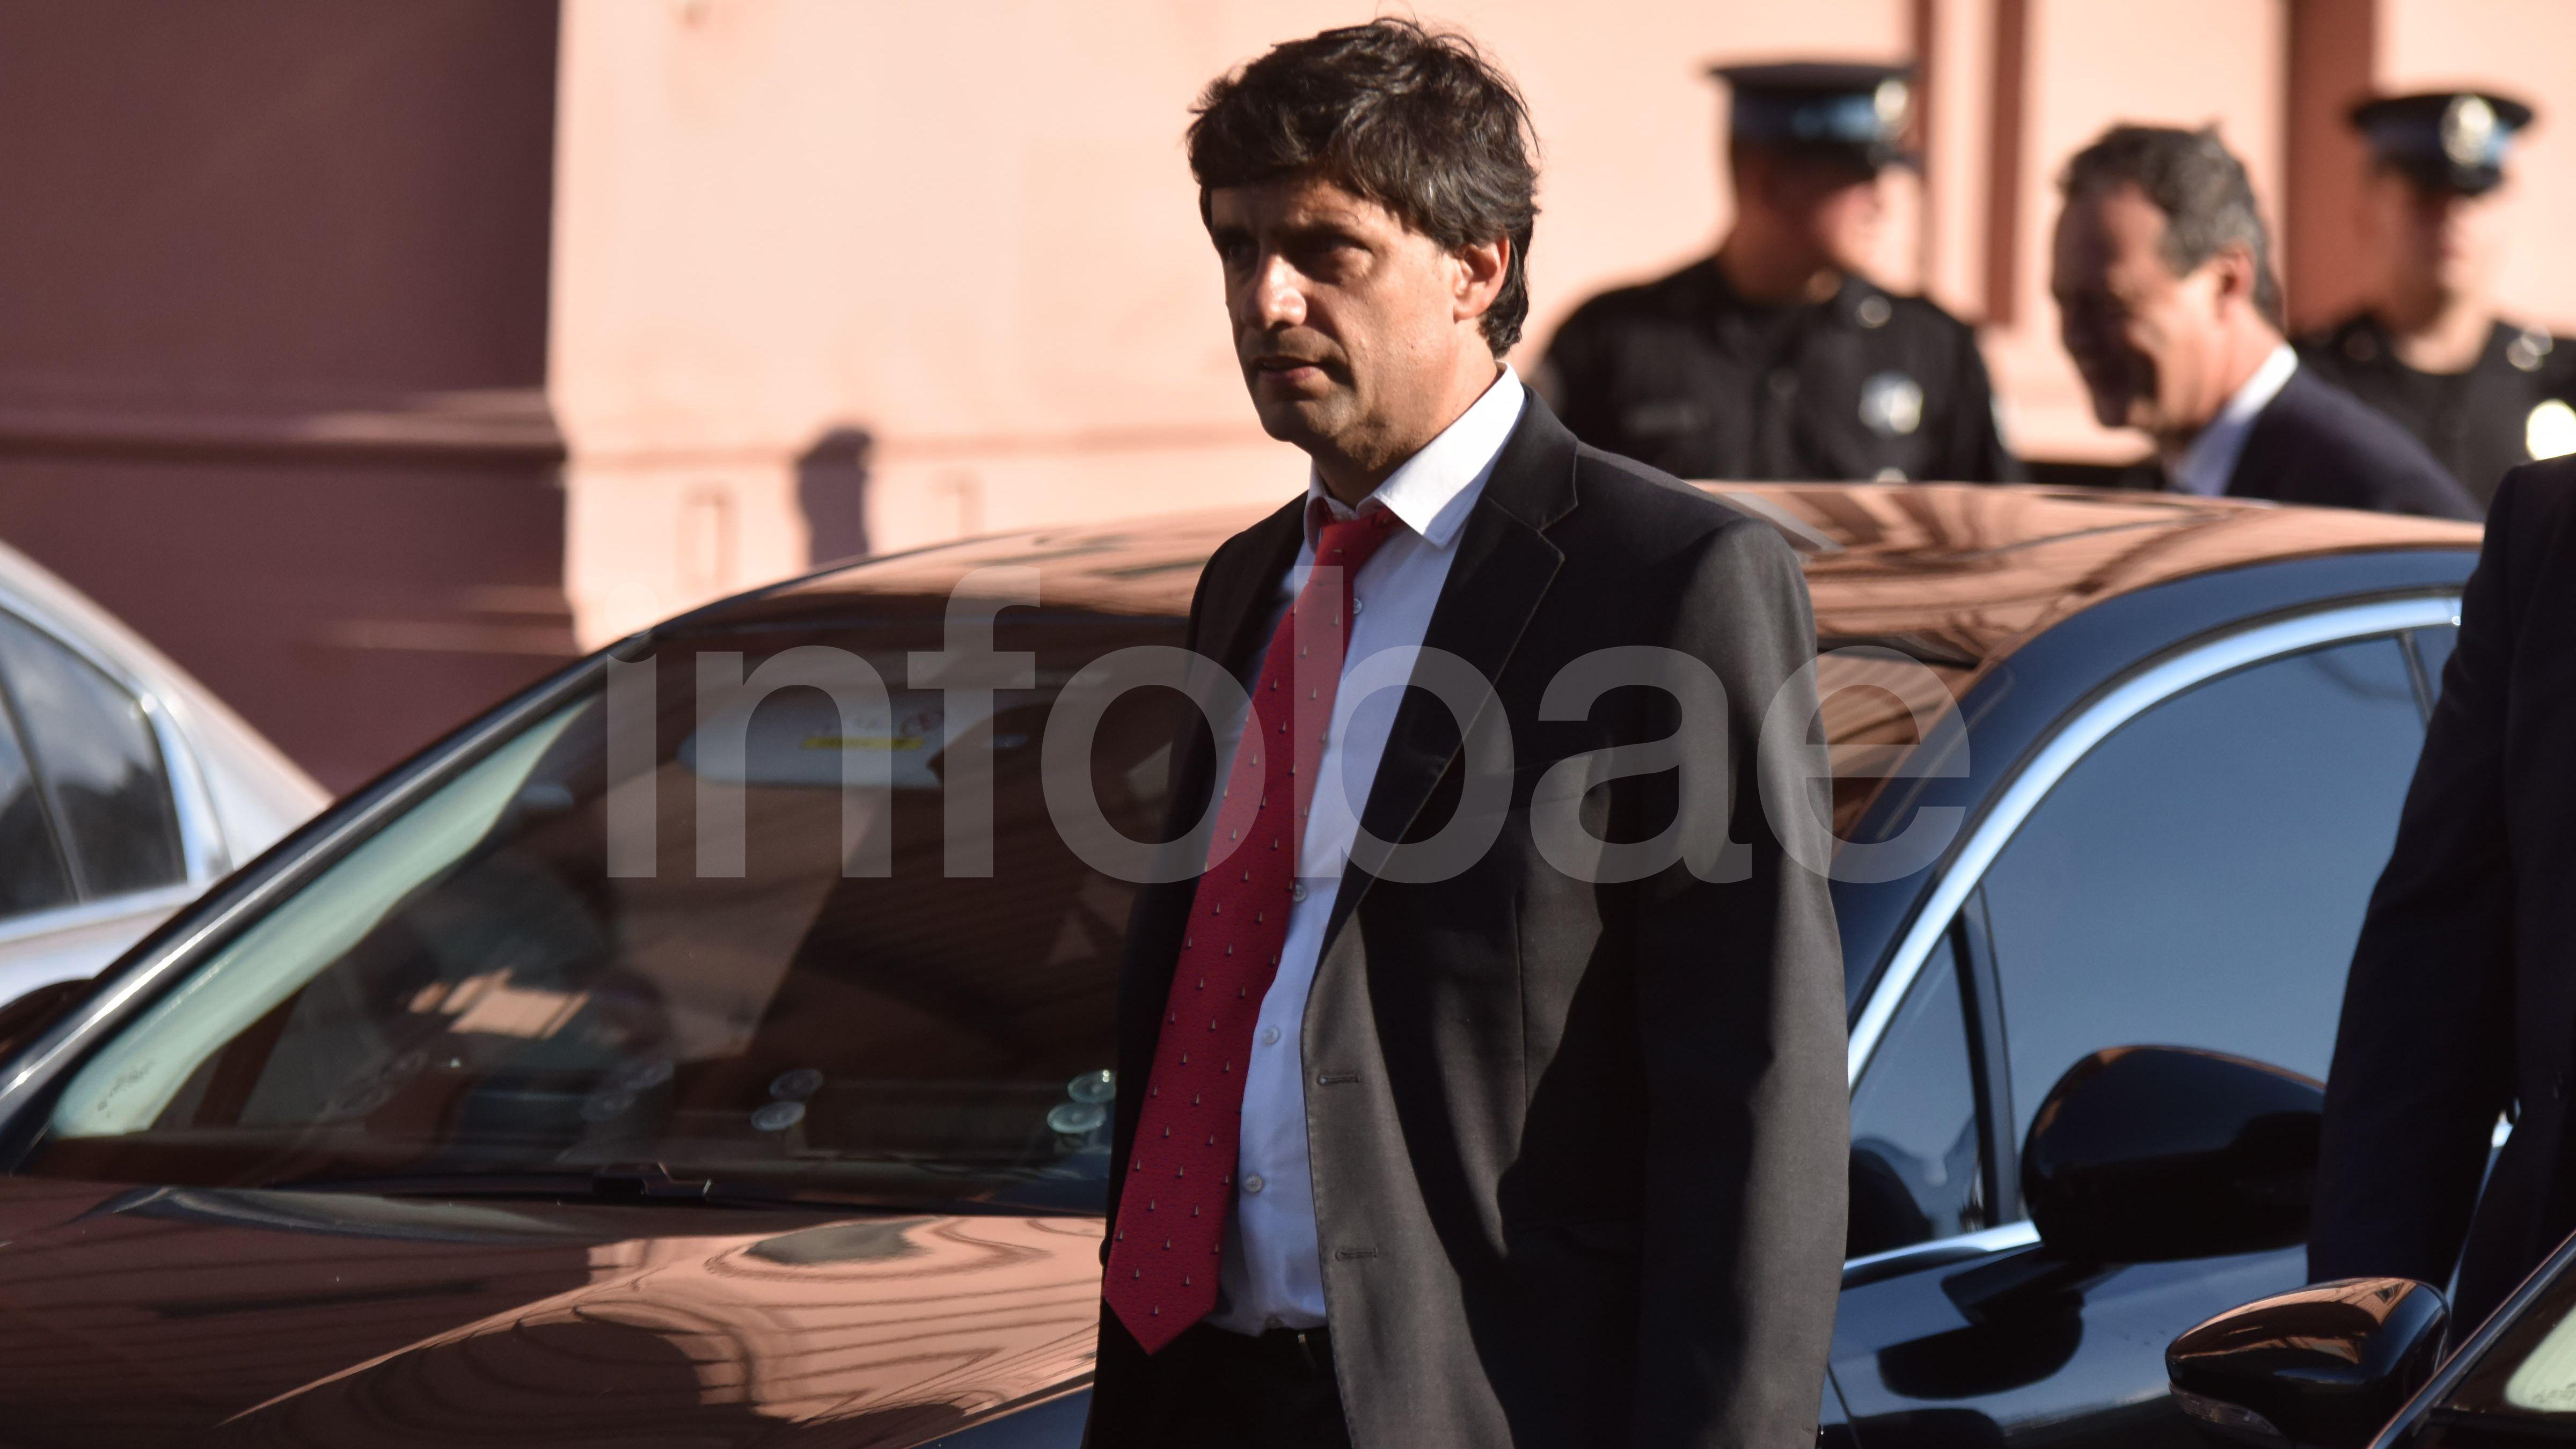 """El ministro de Hacienda, Hernán Lacunza, se reunió con su sucesor Martín Guzmán. """"Fue un encuentro valioso. Tuvimos un diálogo abierto del tipo que necesitamos para unir a la Argentina y ponerla de pie"""", dijo Guzmán al término del encuentro"""